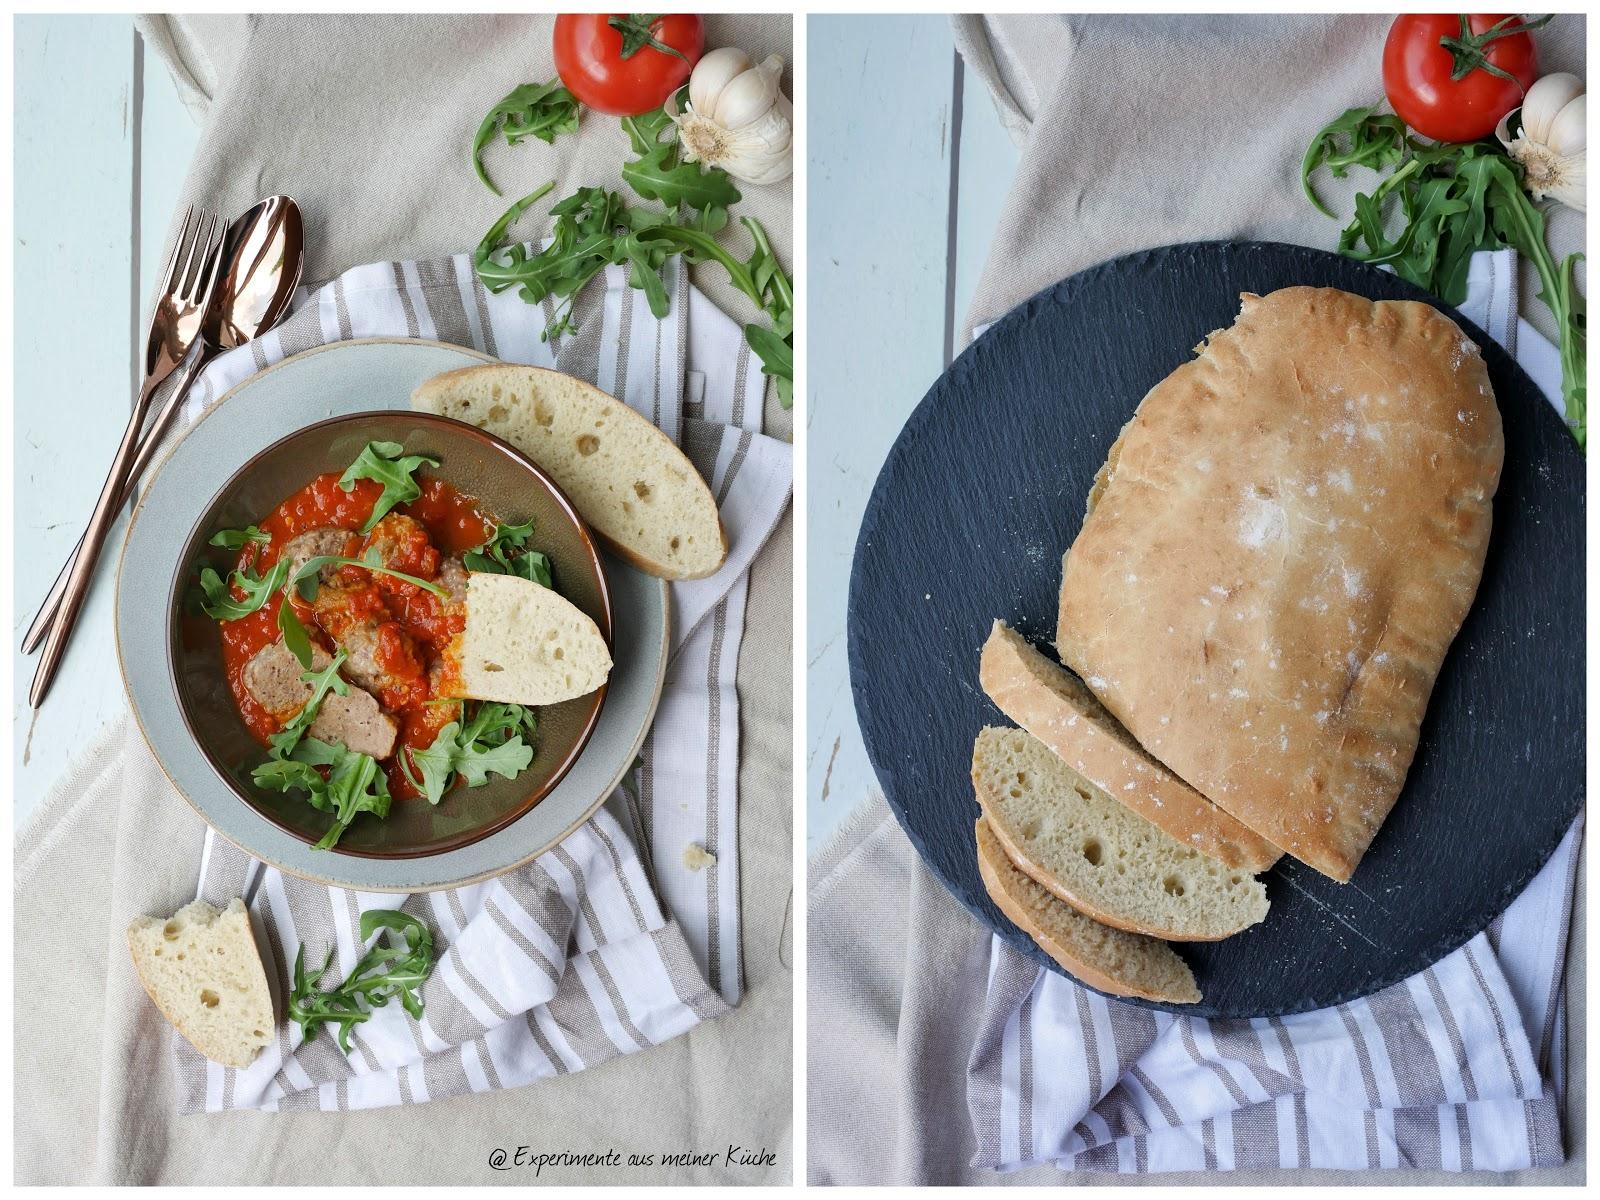 Wunderbar Geschlagenen Küche Tomatensauce Fotos - Ideen Für Die ...